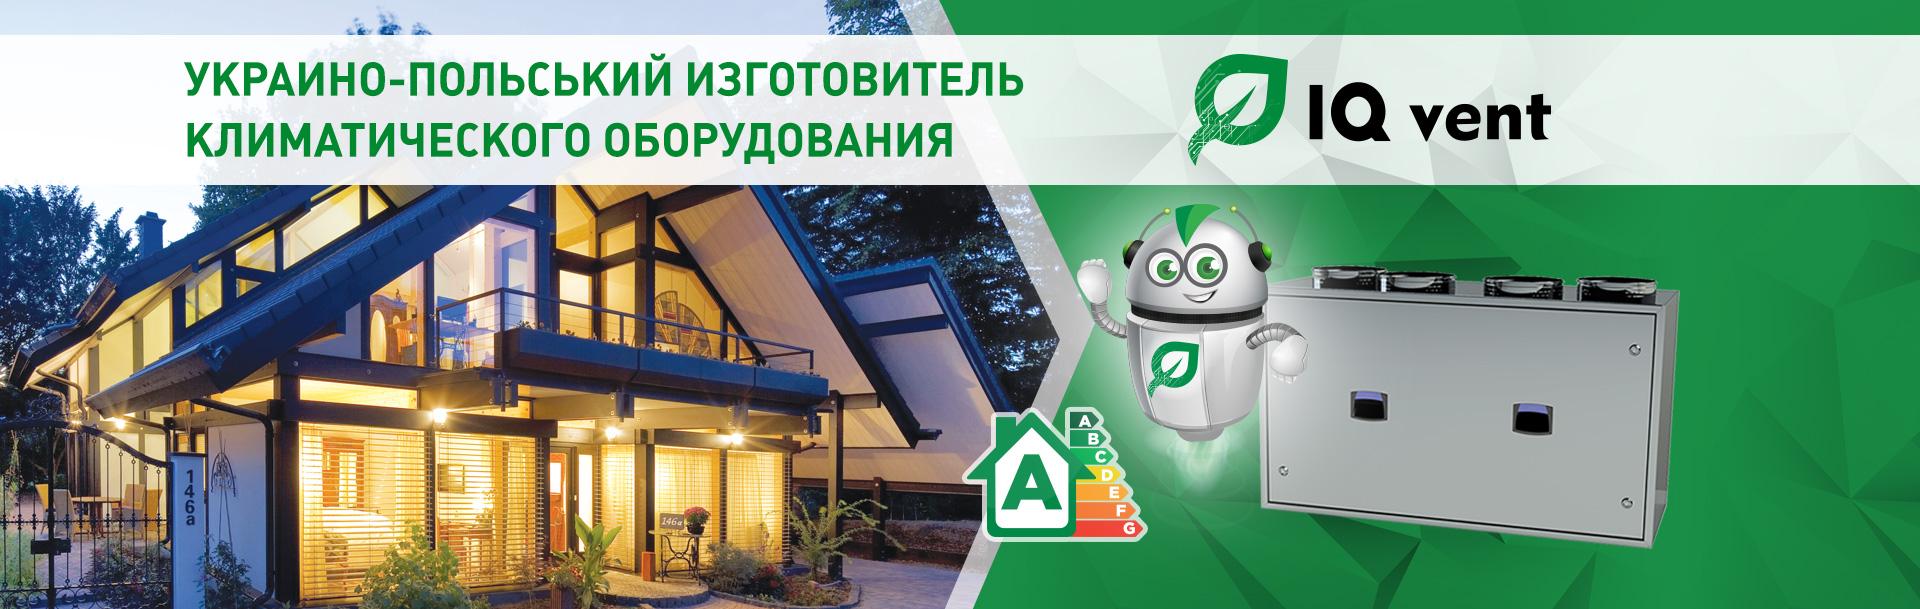 Производитель климатического оборудования IQvent